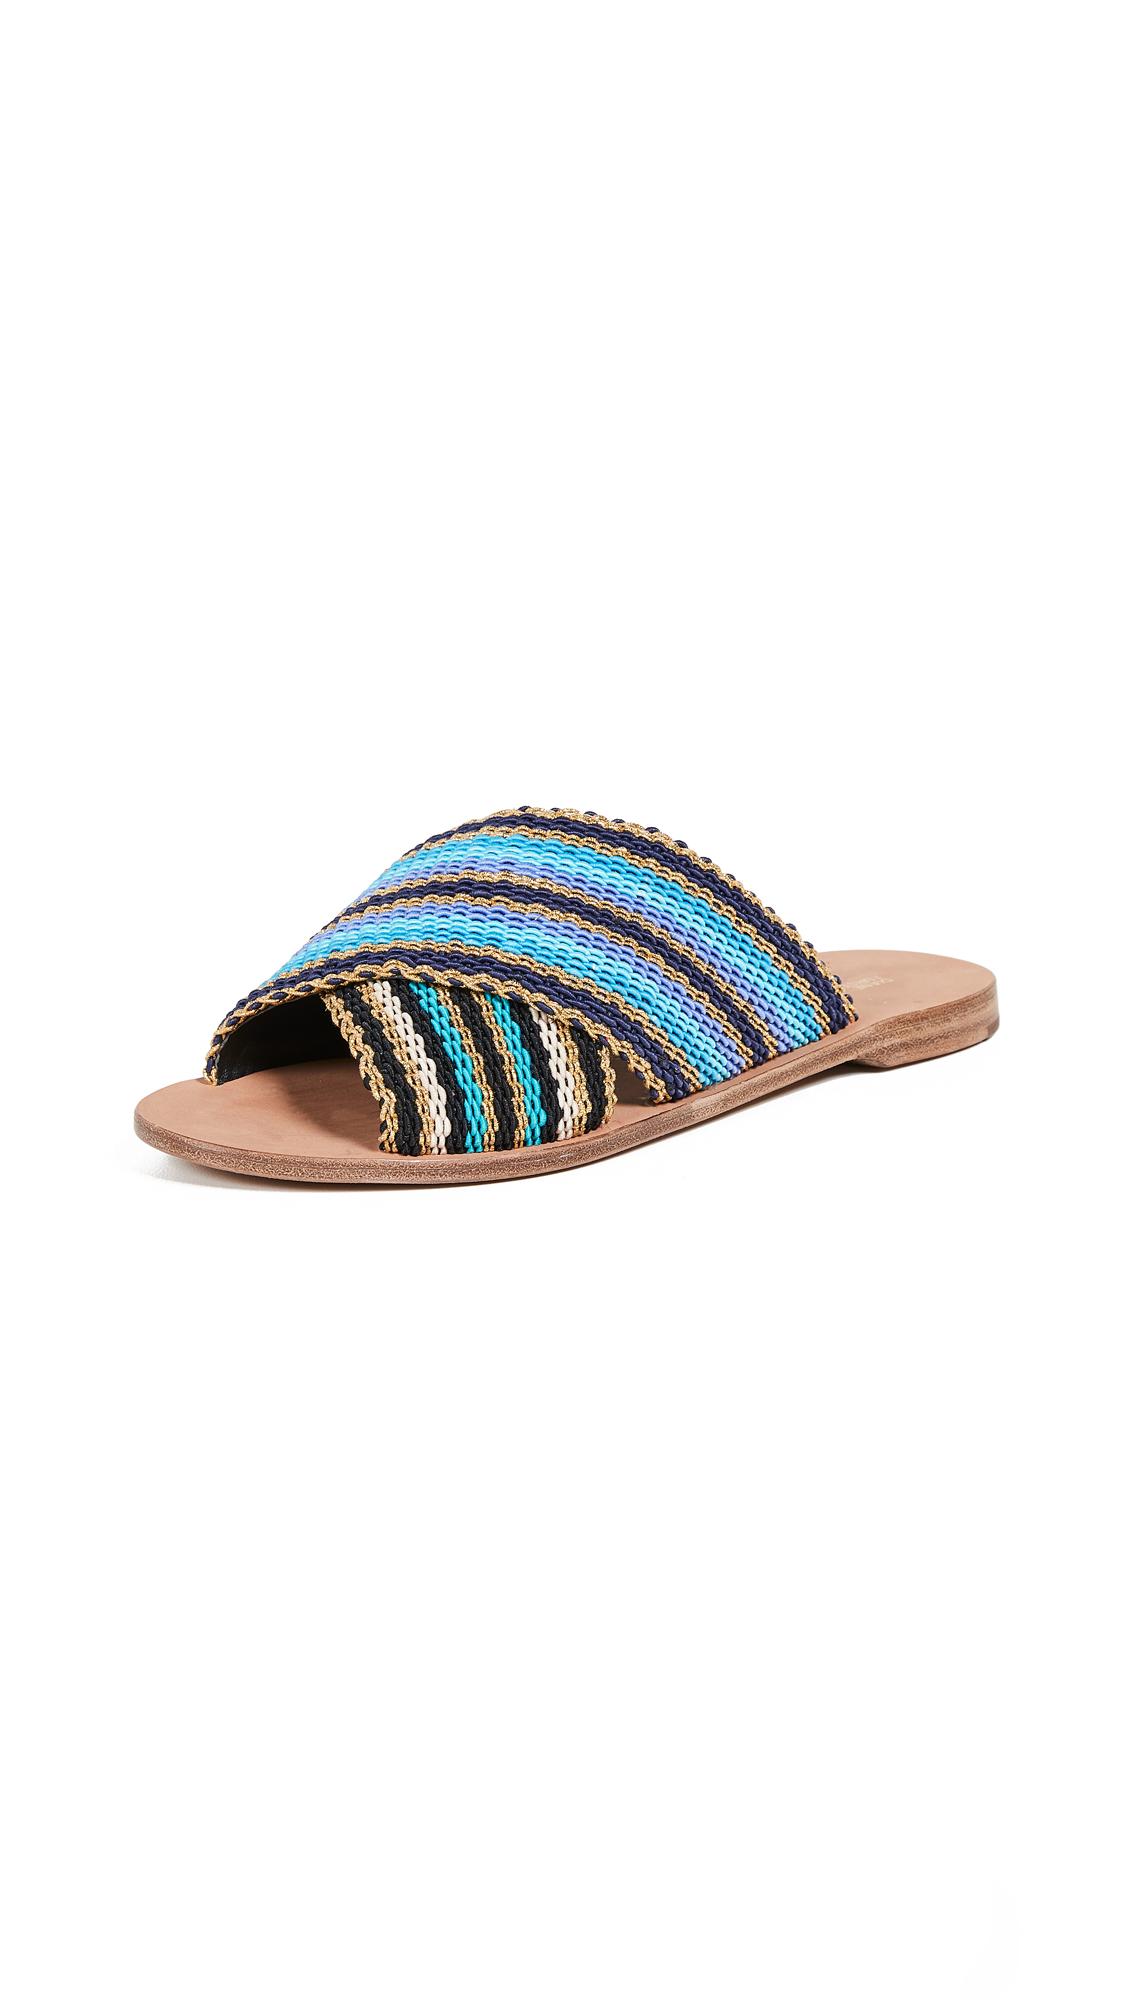 Diane von Furstenberg Cindi Slide Sandals - Blue Multi